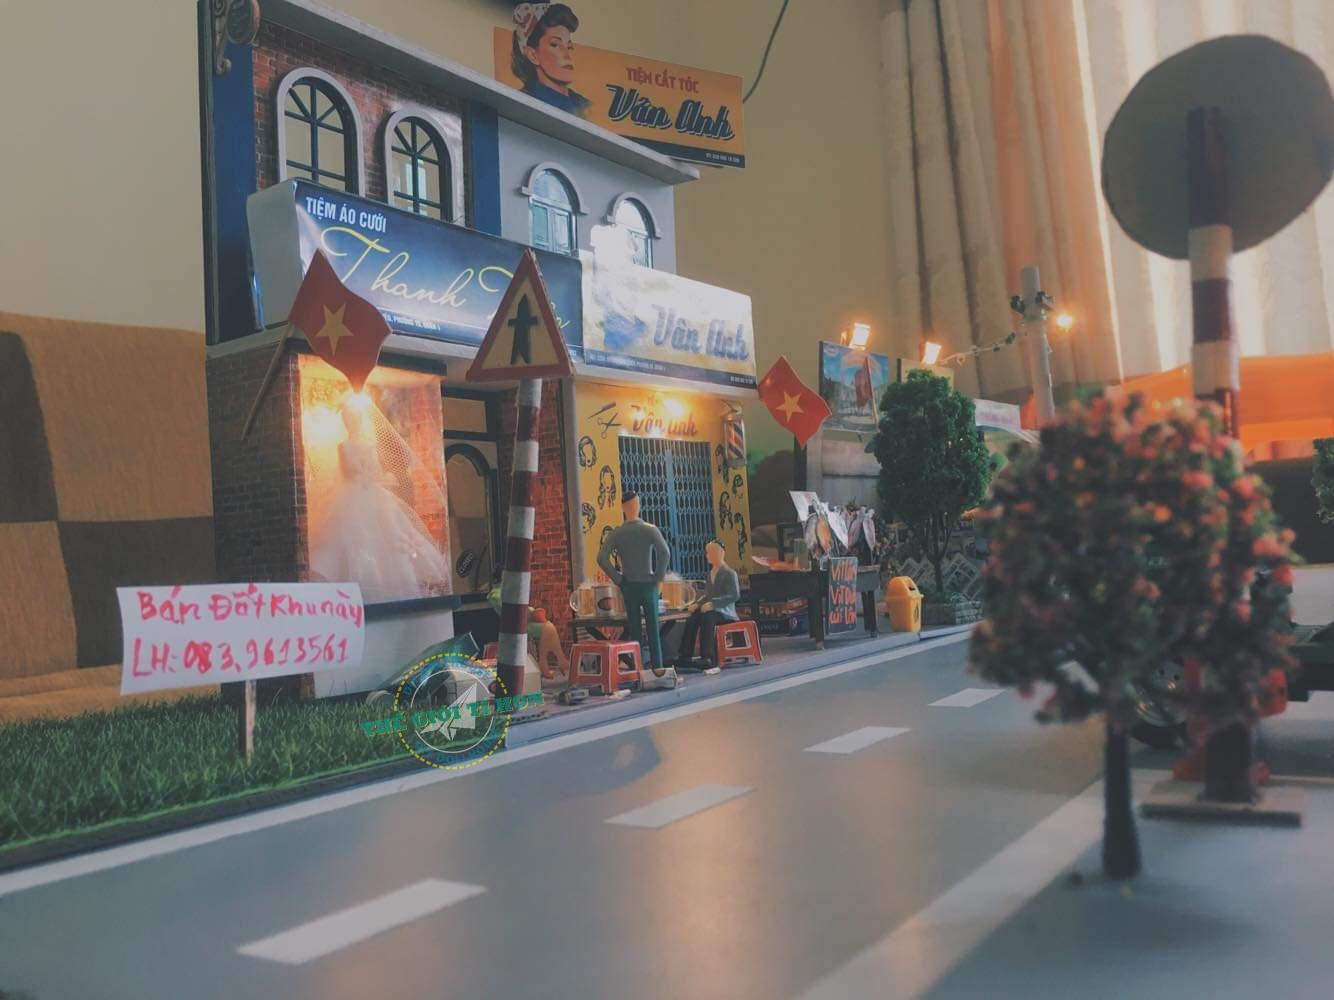 Bộ Sưu Tập Các Tác Phẩm  Mô Hình Sài Gòn Xưa Bằng Gỗ DIY Của Anh Nguyễn Mạnh Cường